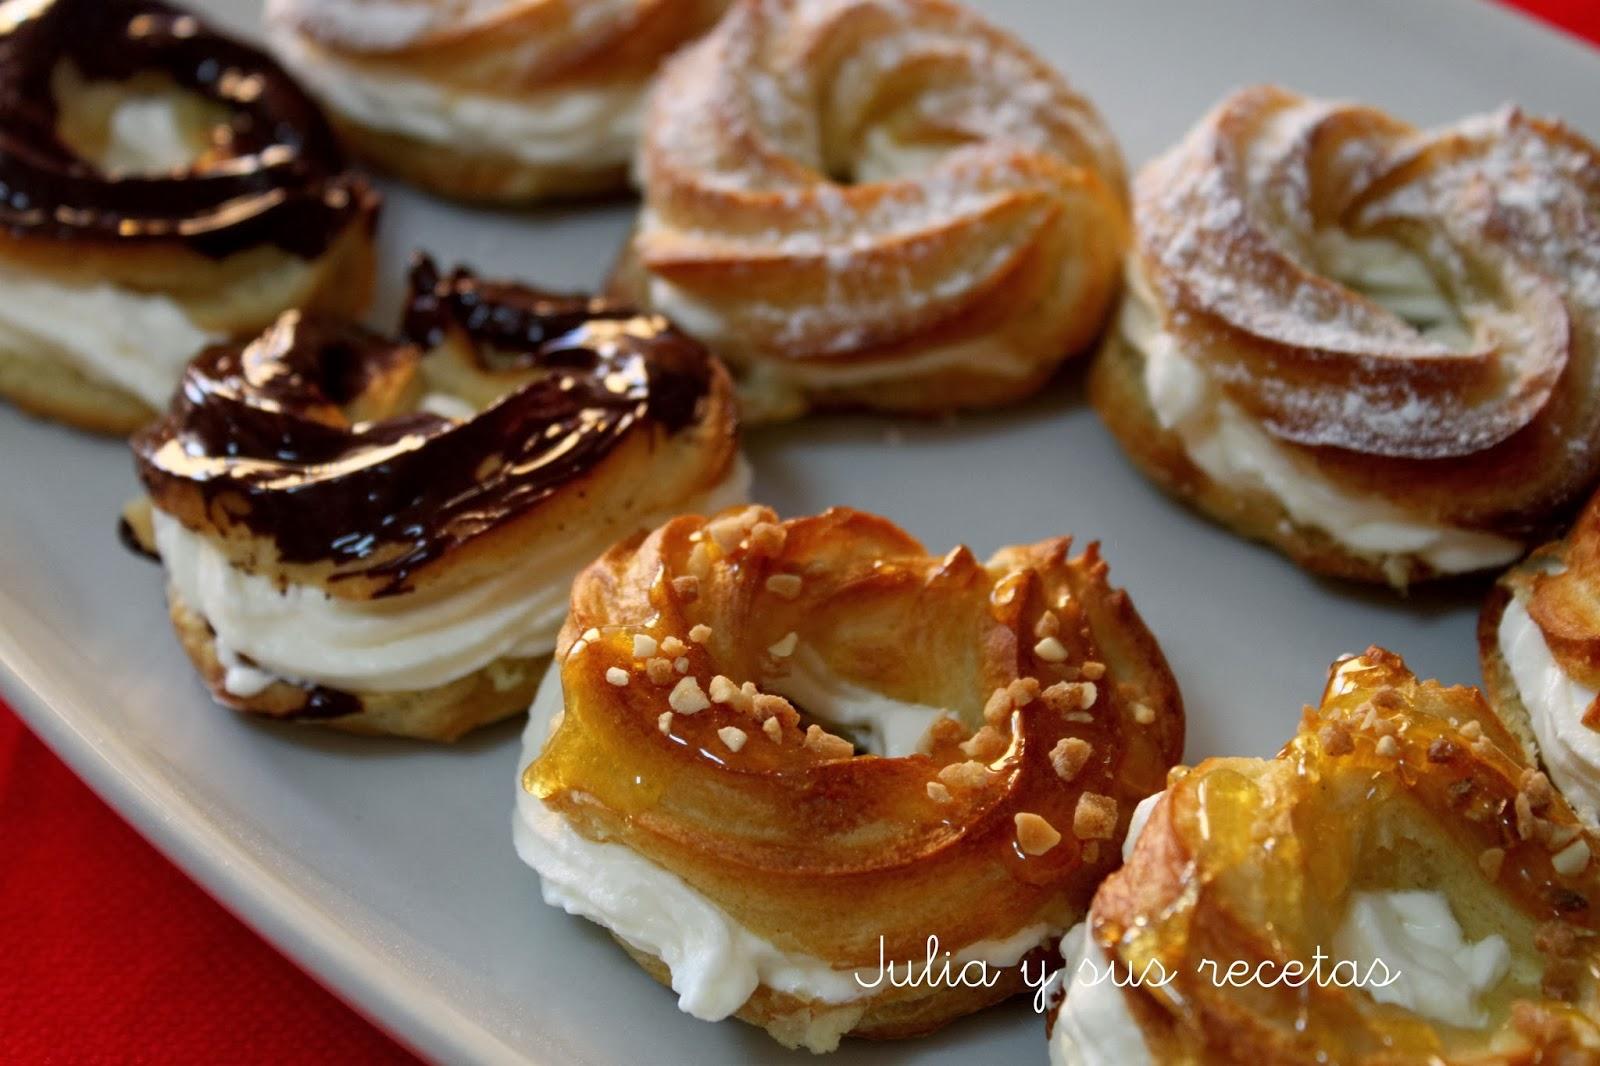 Julia y sus recetas como hacer pasta choux - Blog de postres faciles ...